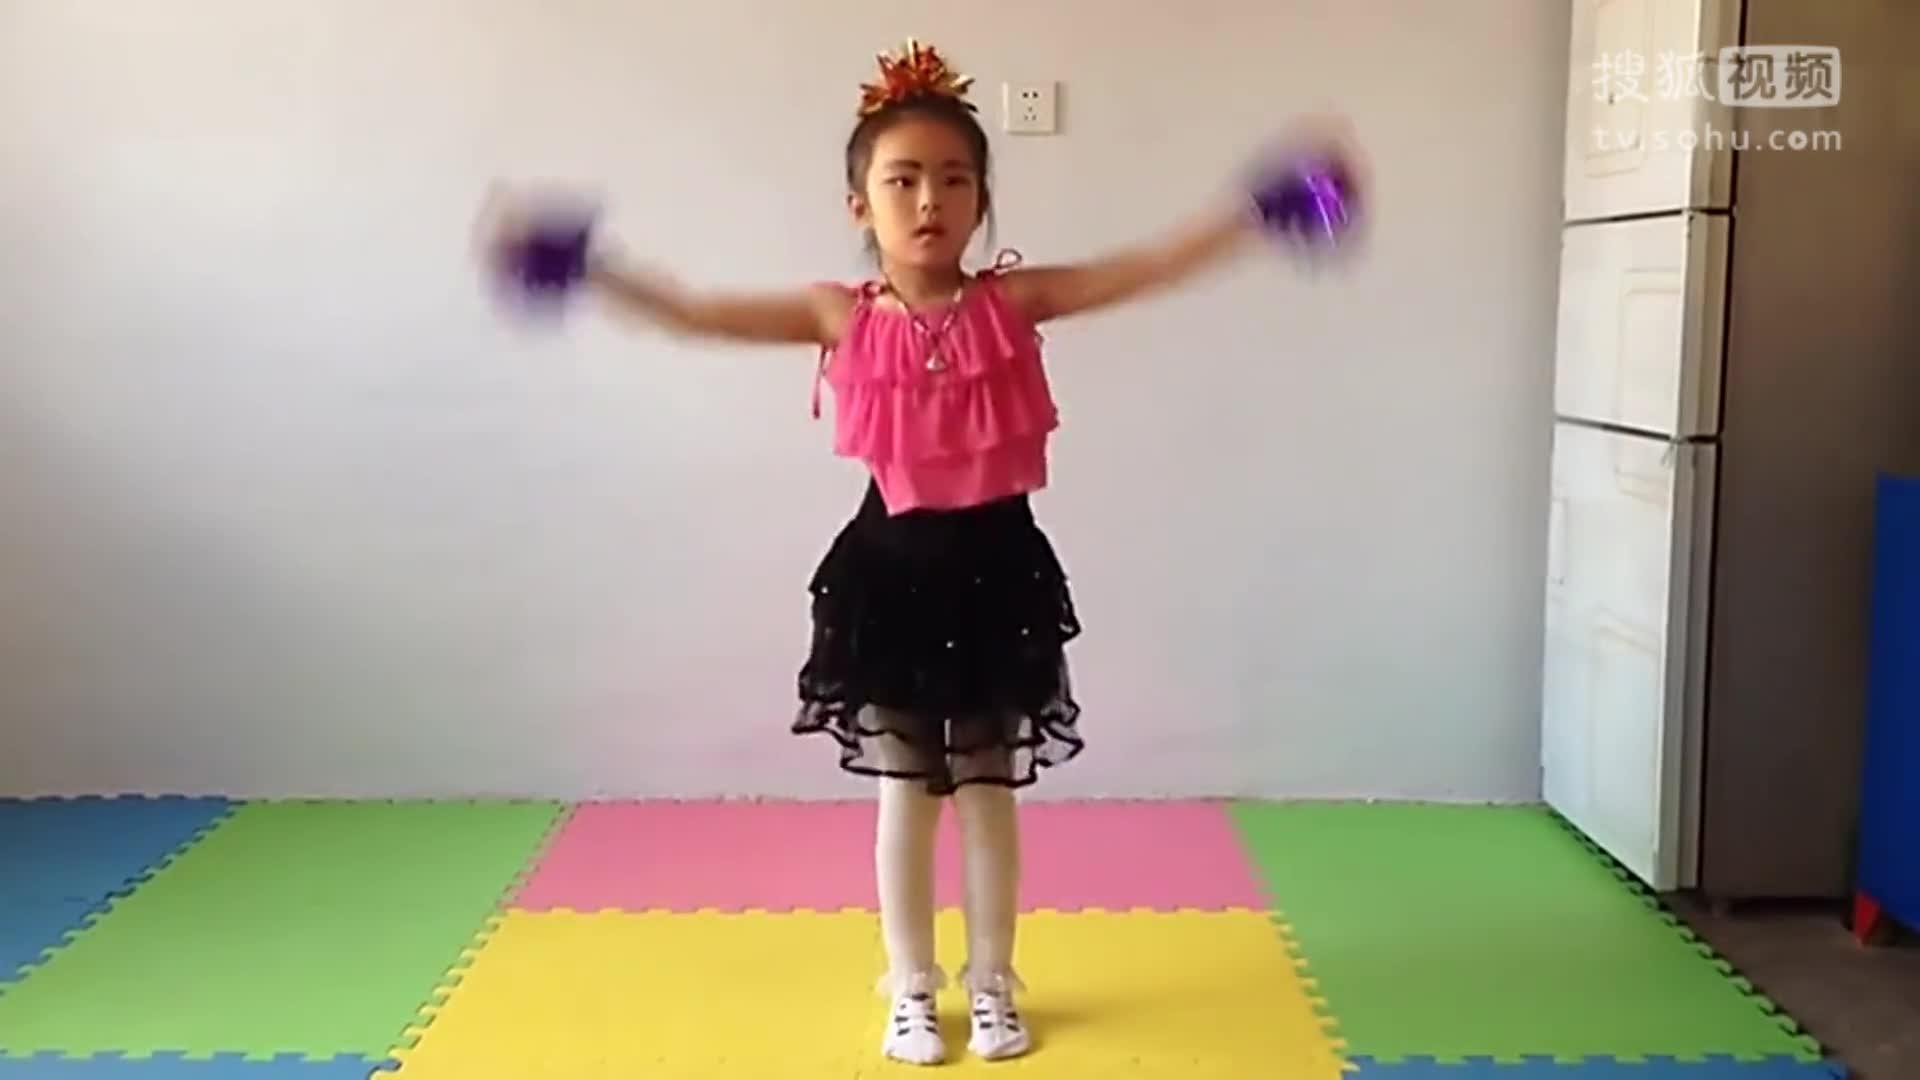 儿童单人舞蹈视频大全 幼儿园女生独舞 小苹果